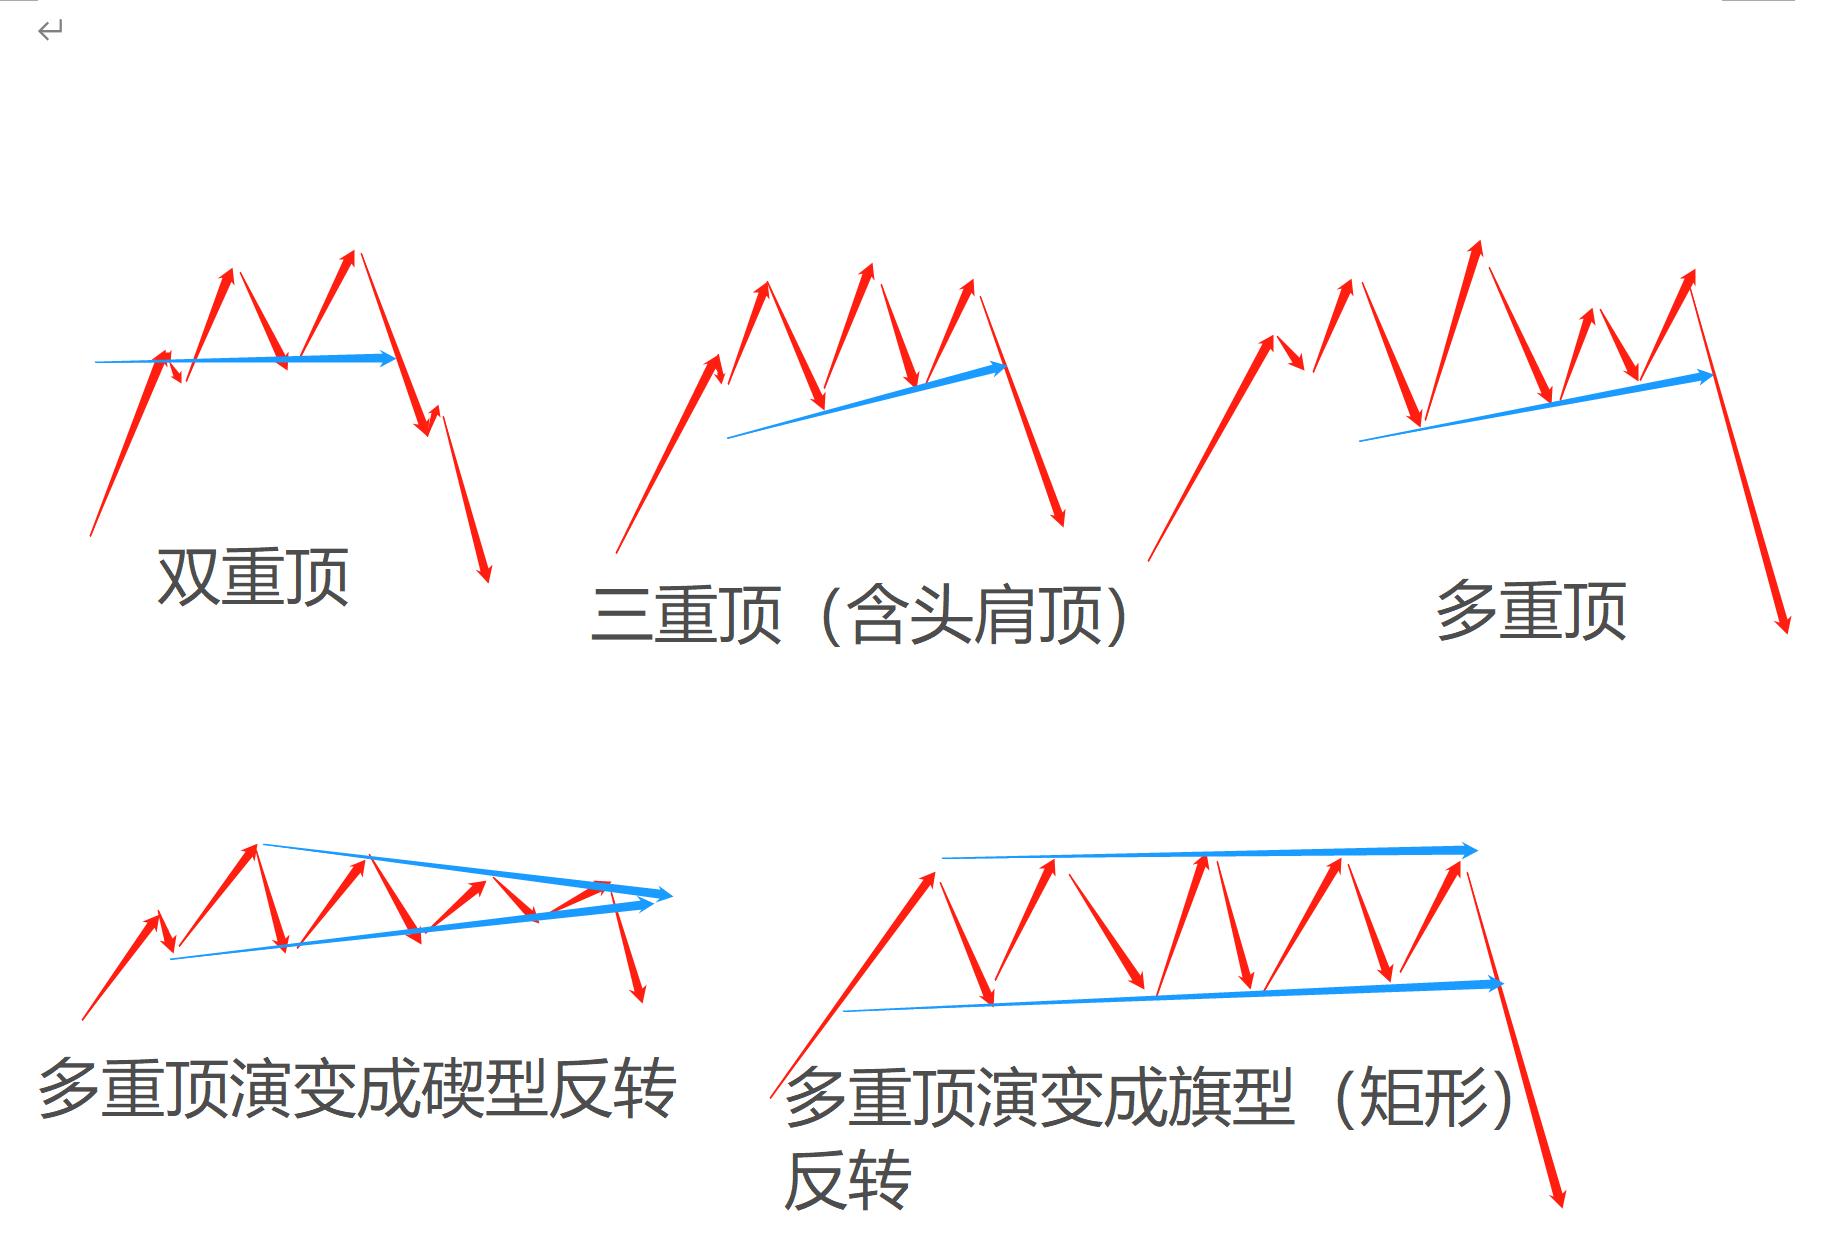 「加密货币」【坤叔解盘日记 4-27】常见价格形态之双重顶及其演变